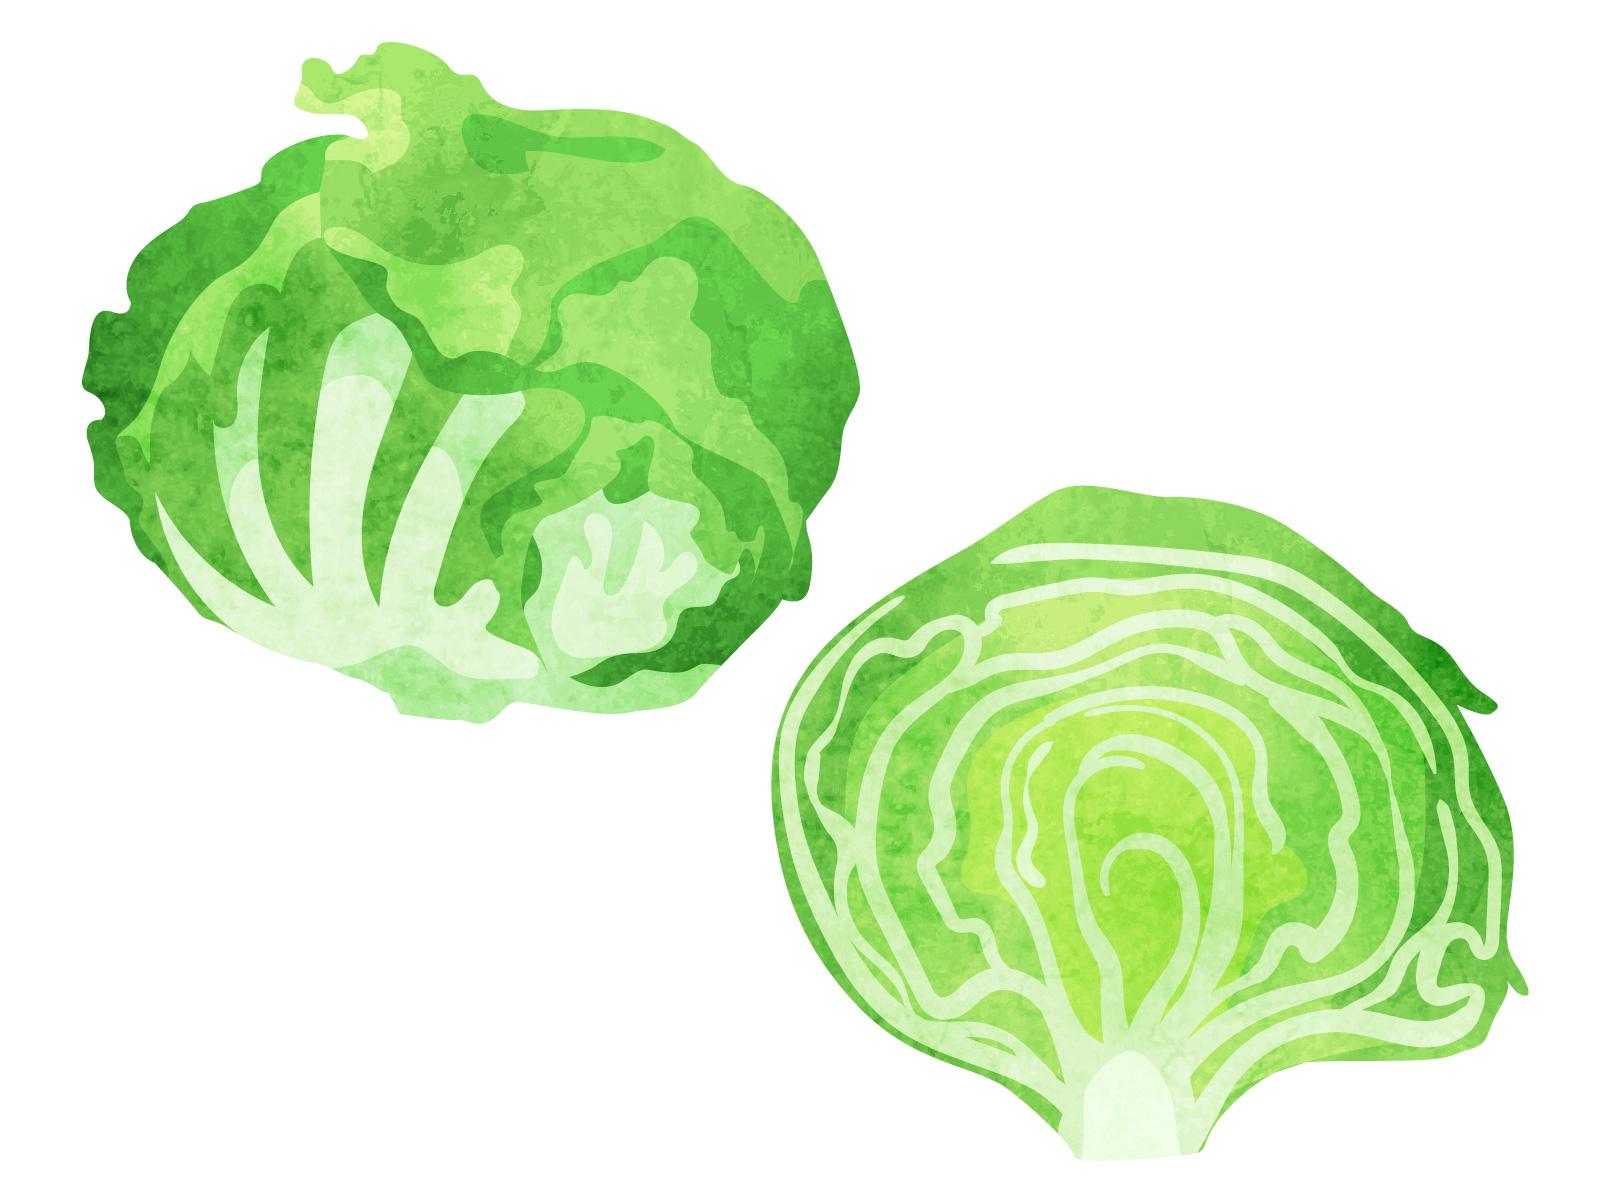 【レタスの食べ過ぎ】太る!?腹痛や下痢などの影響・適正量についても紹介!